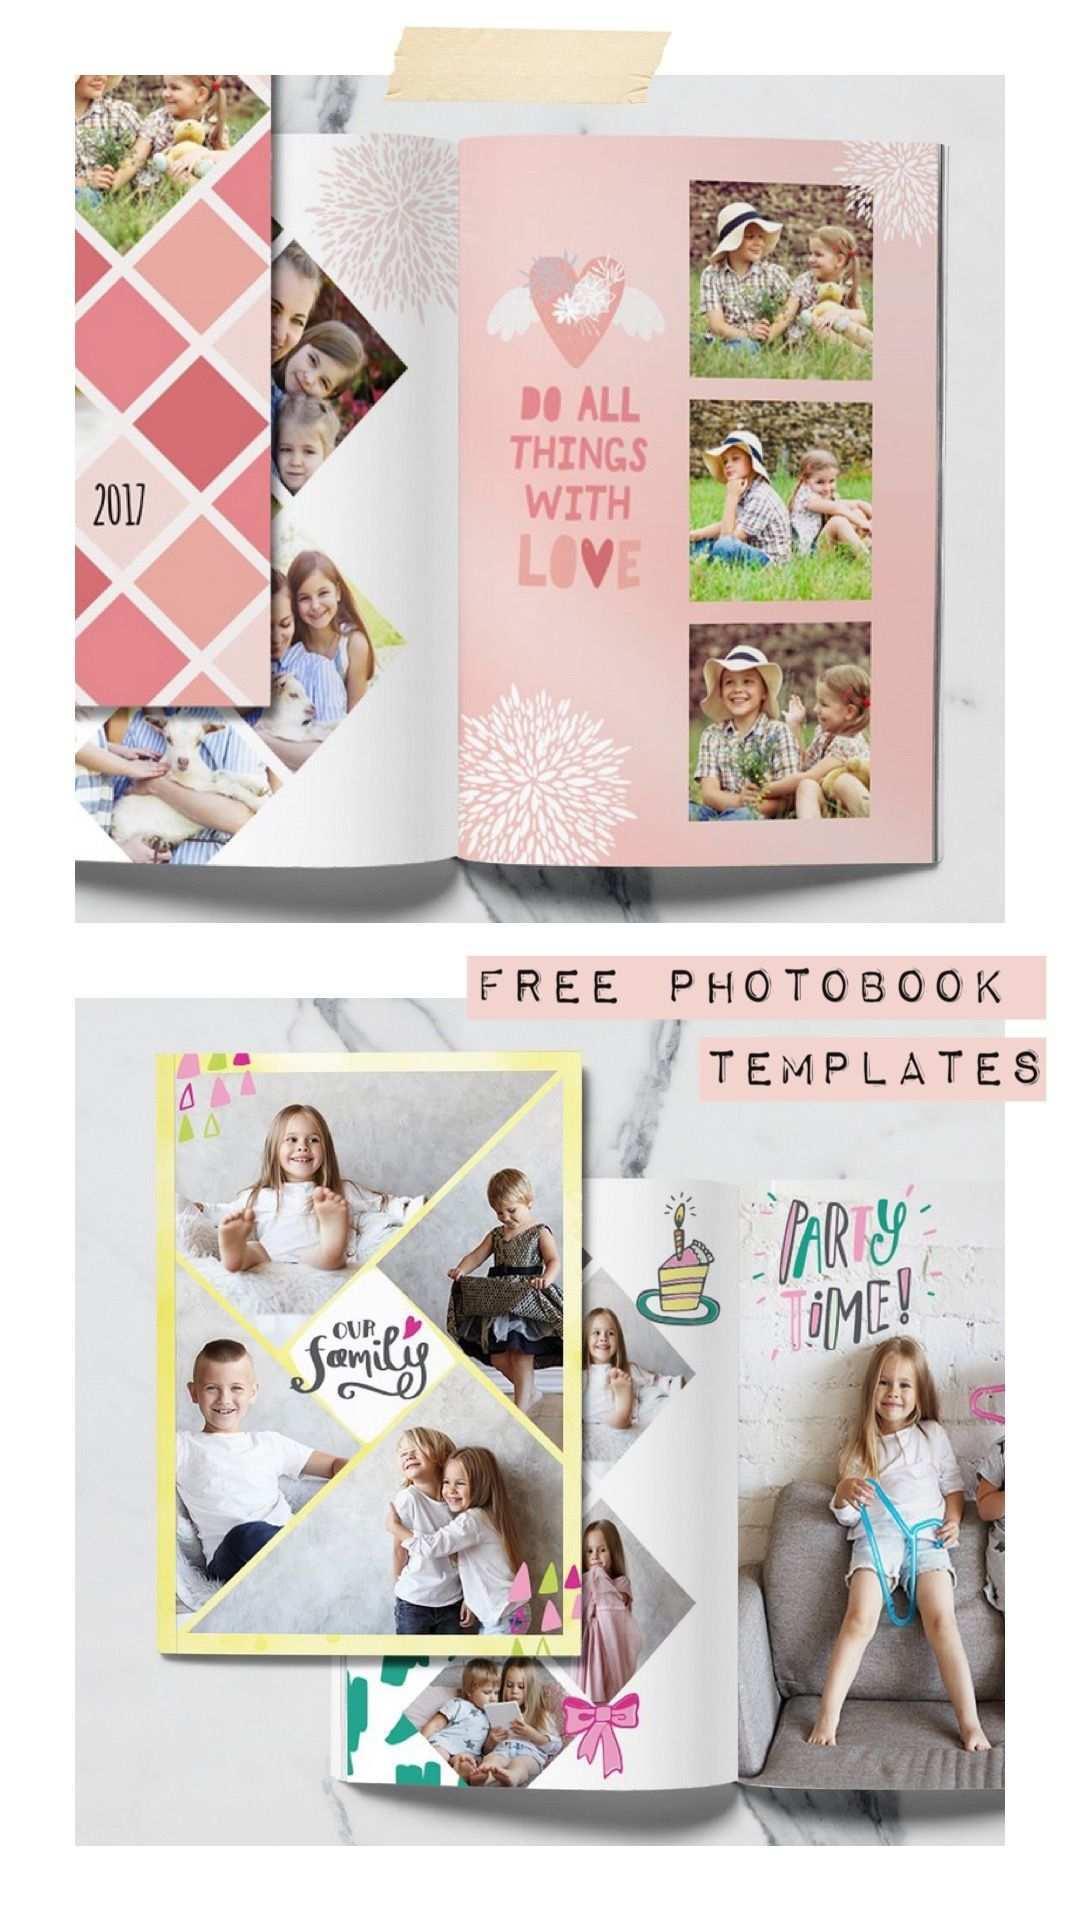 Fotobuch Fur Die Ganze Familie Neue Layouts Fotobuch Gestalten Fotobuch Erstellen Fotobuch